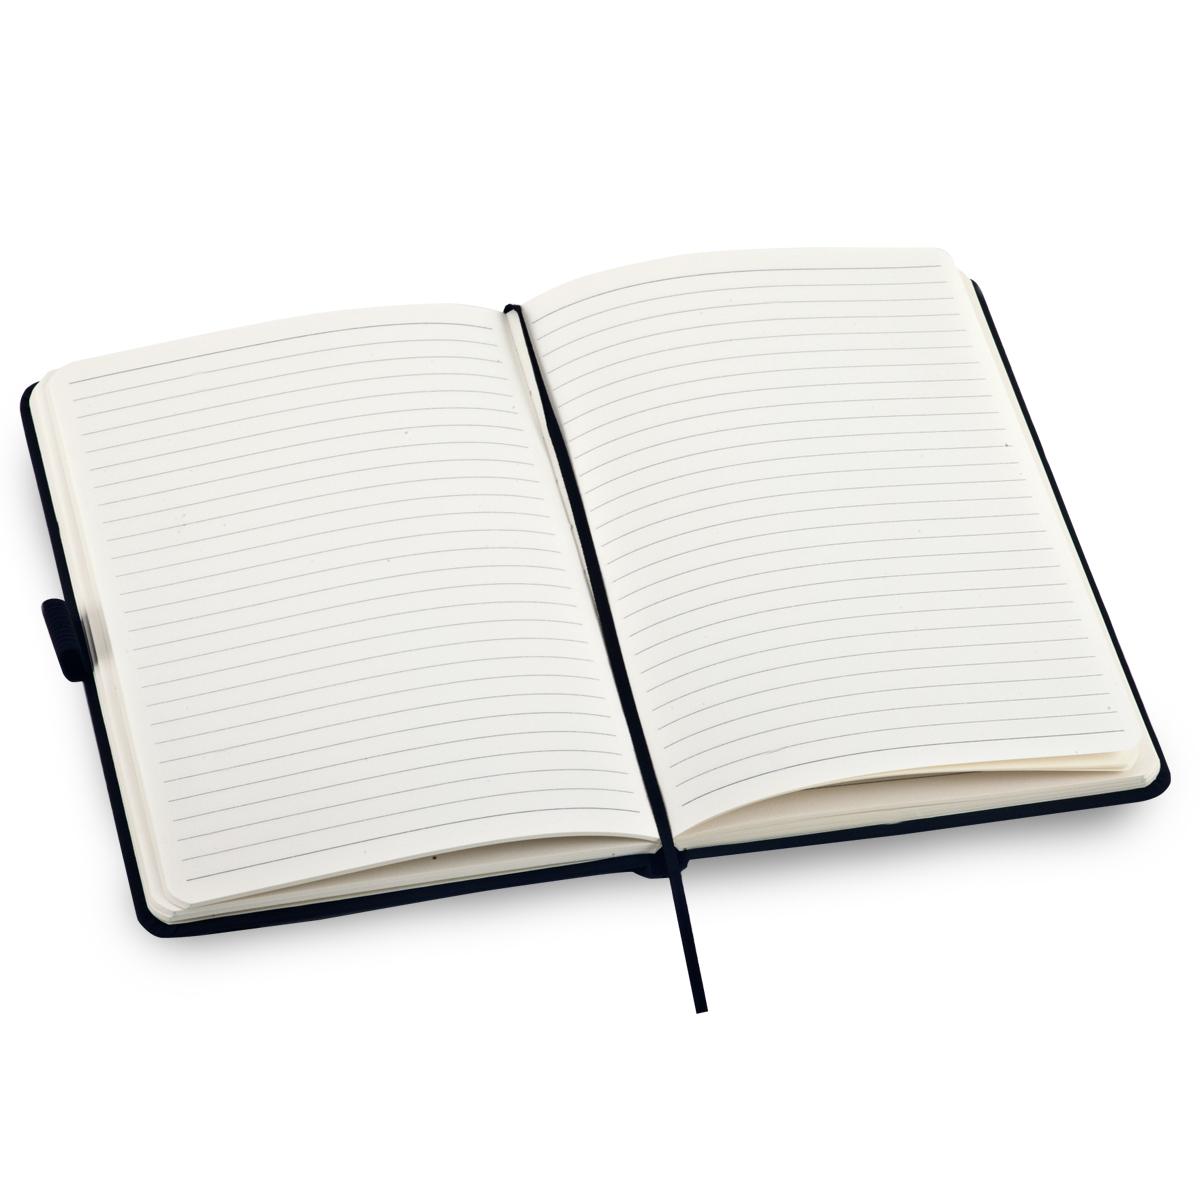 מחברת A5, כריכה קשה, 96 דפי שורה